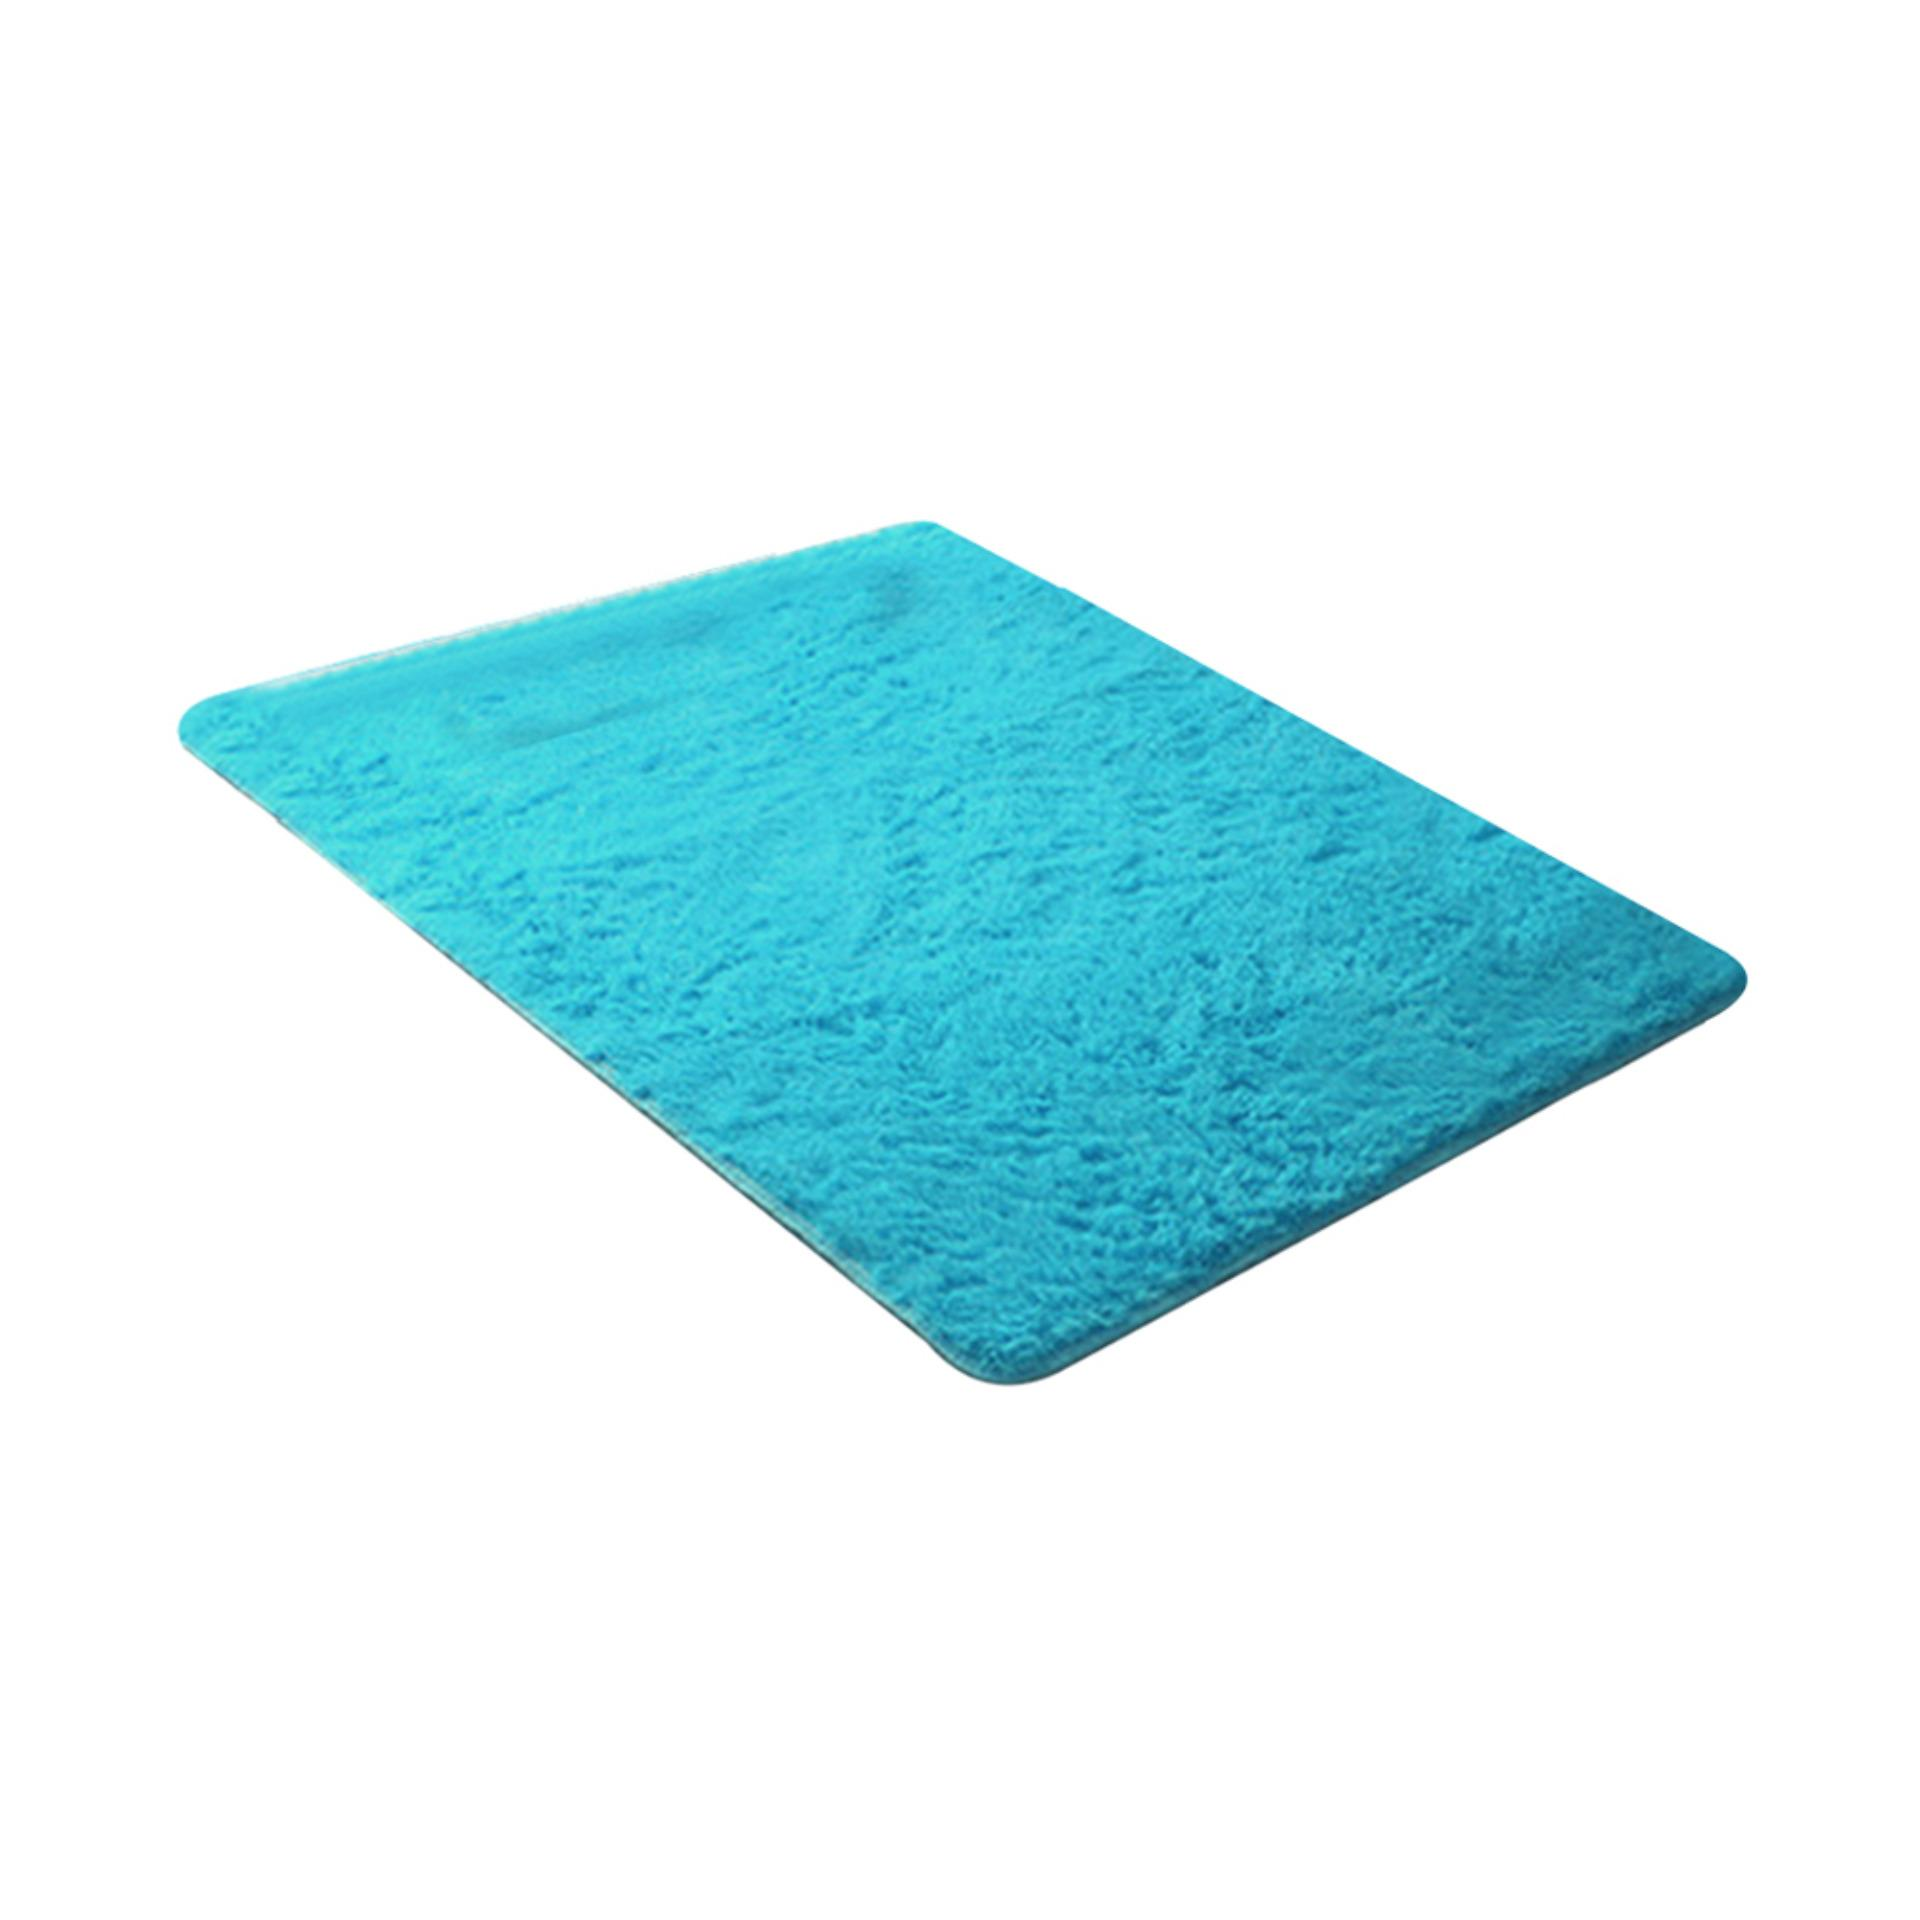 Sanwood® Modern Permen Warna Lembut Anti-Selip Karpet Flokati Berbulu Karpet Ruang Tamu Kamar Tidur Lantai Mat 40 Cm Oleh 60 Cm (Biru Muda) -Intl